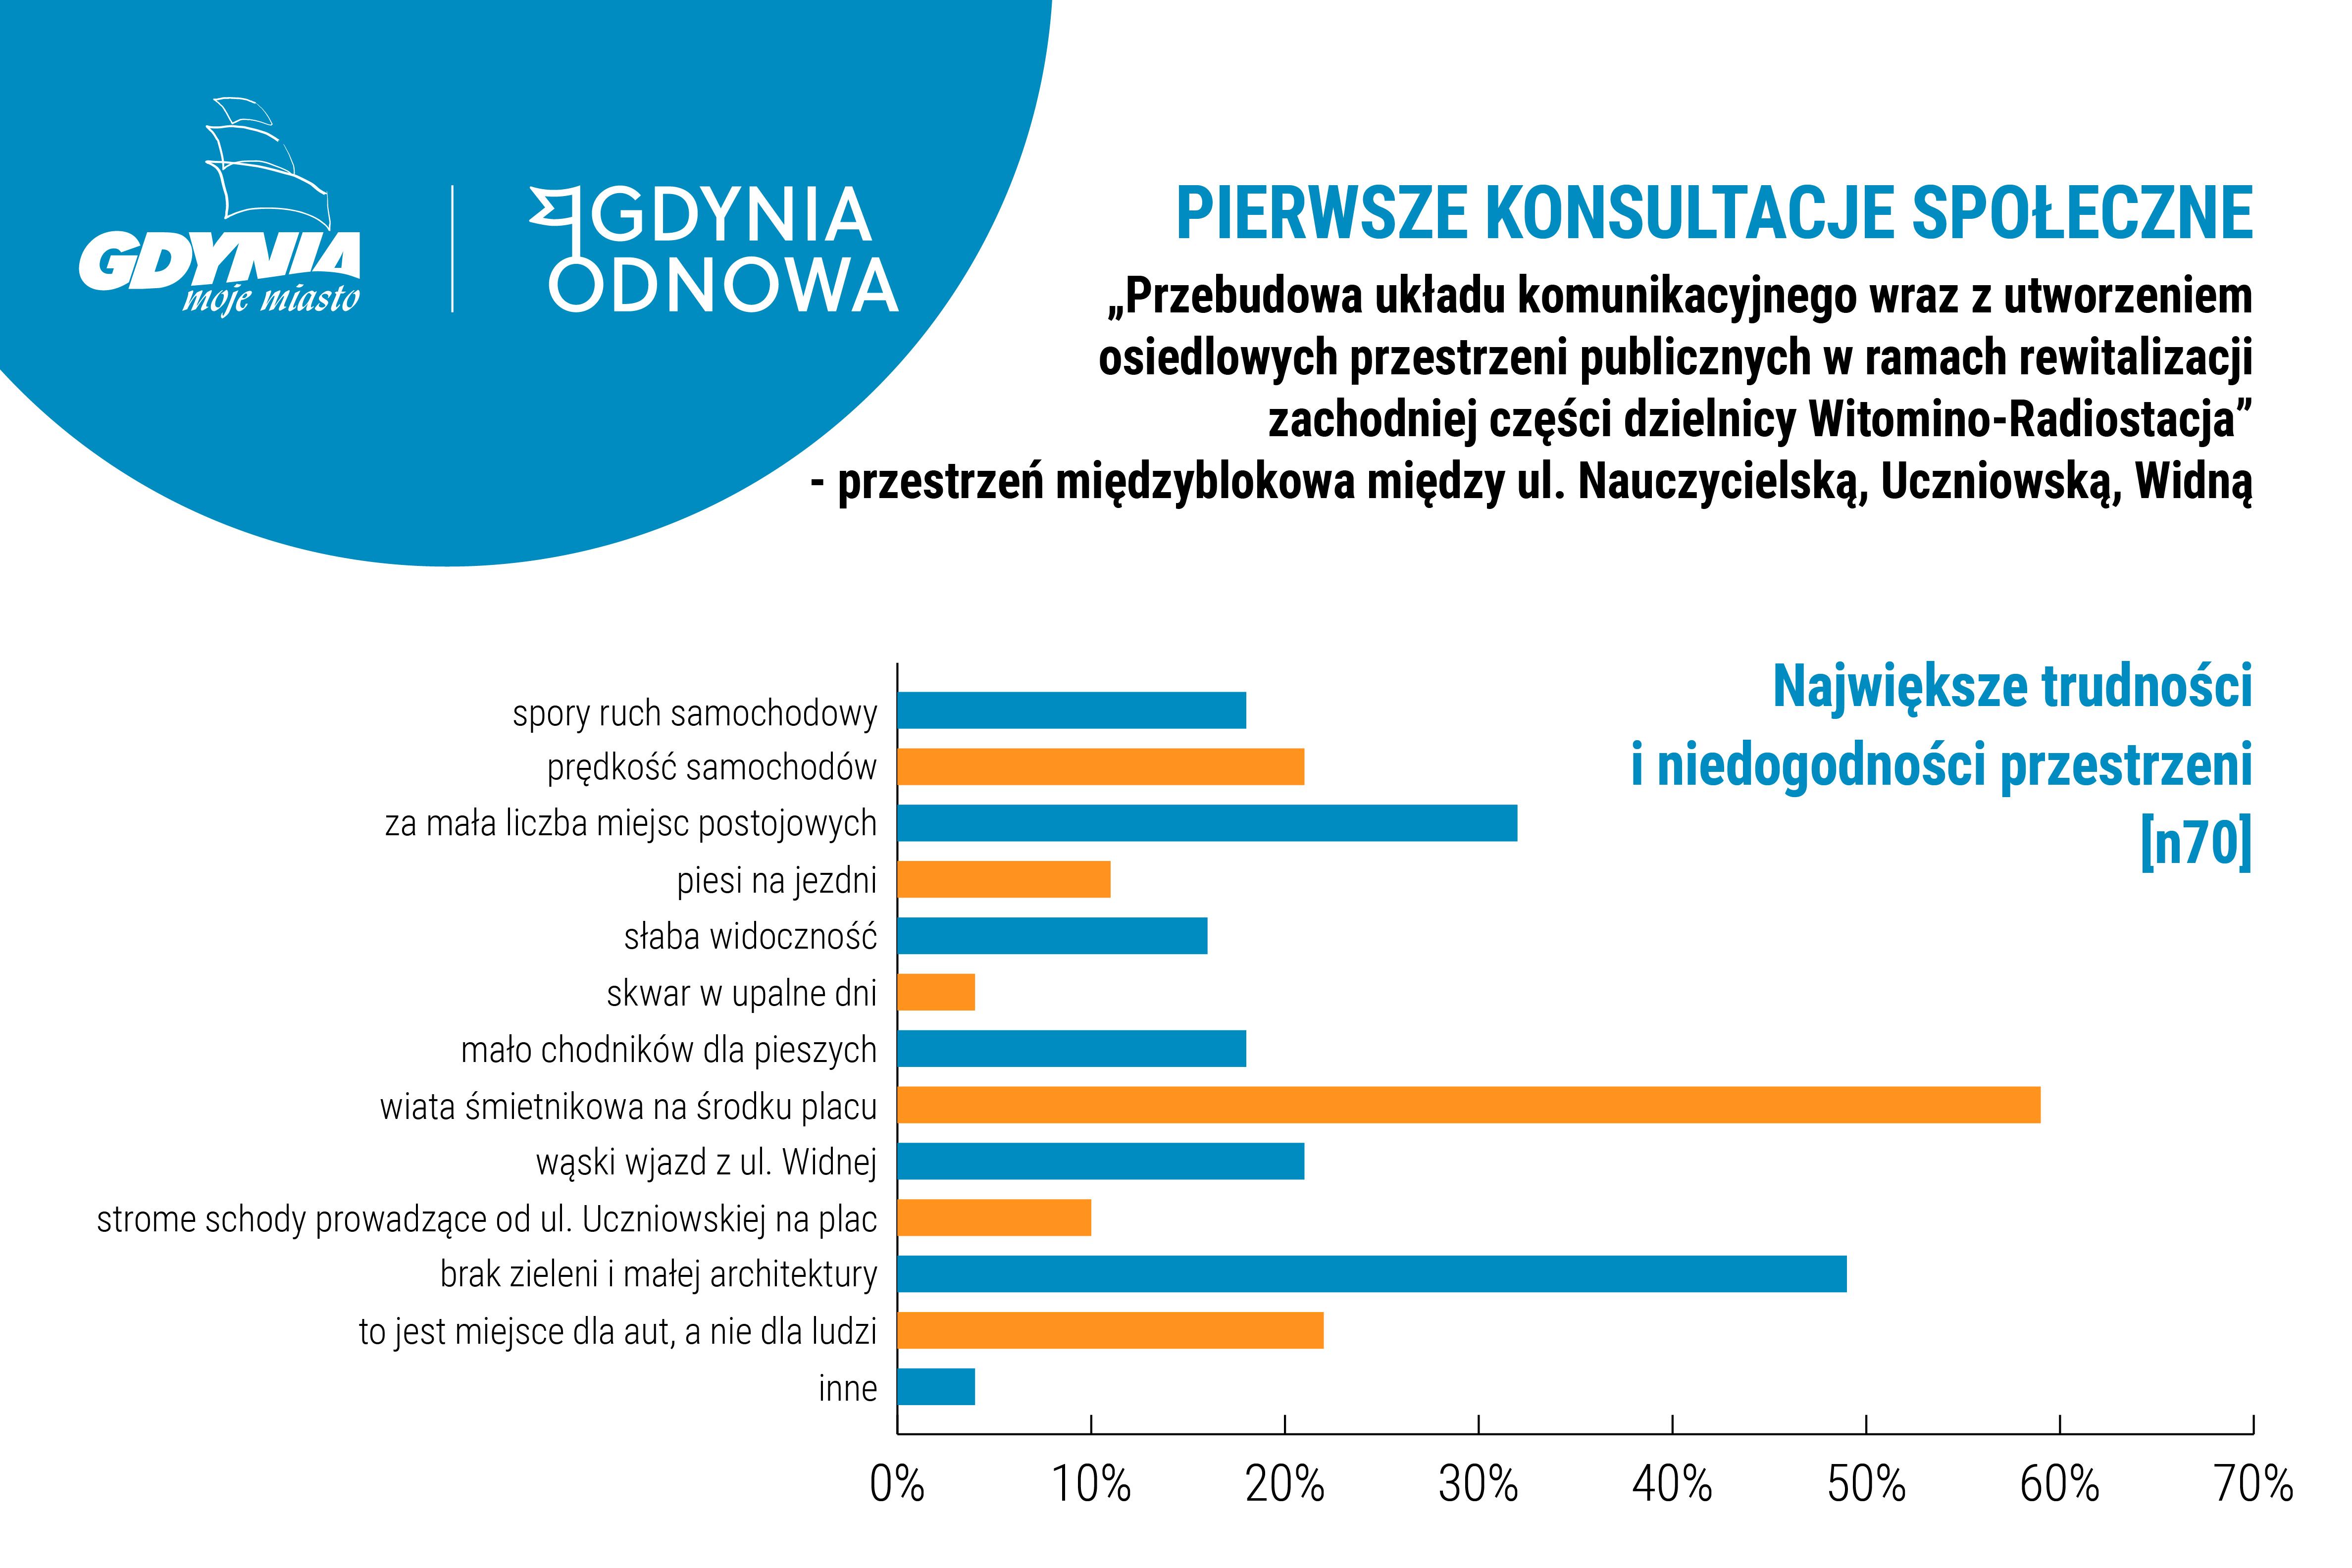 Grafika przedstawiająca uwagi mieszkańców do przestrzeni na Witominie